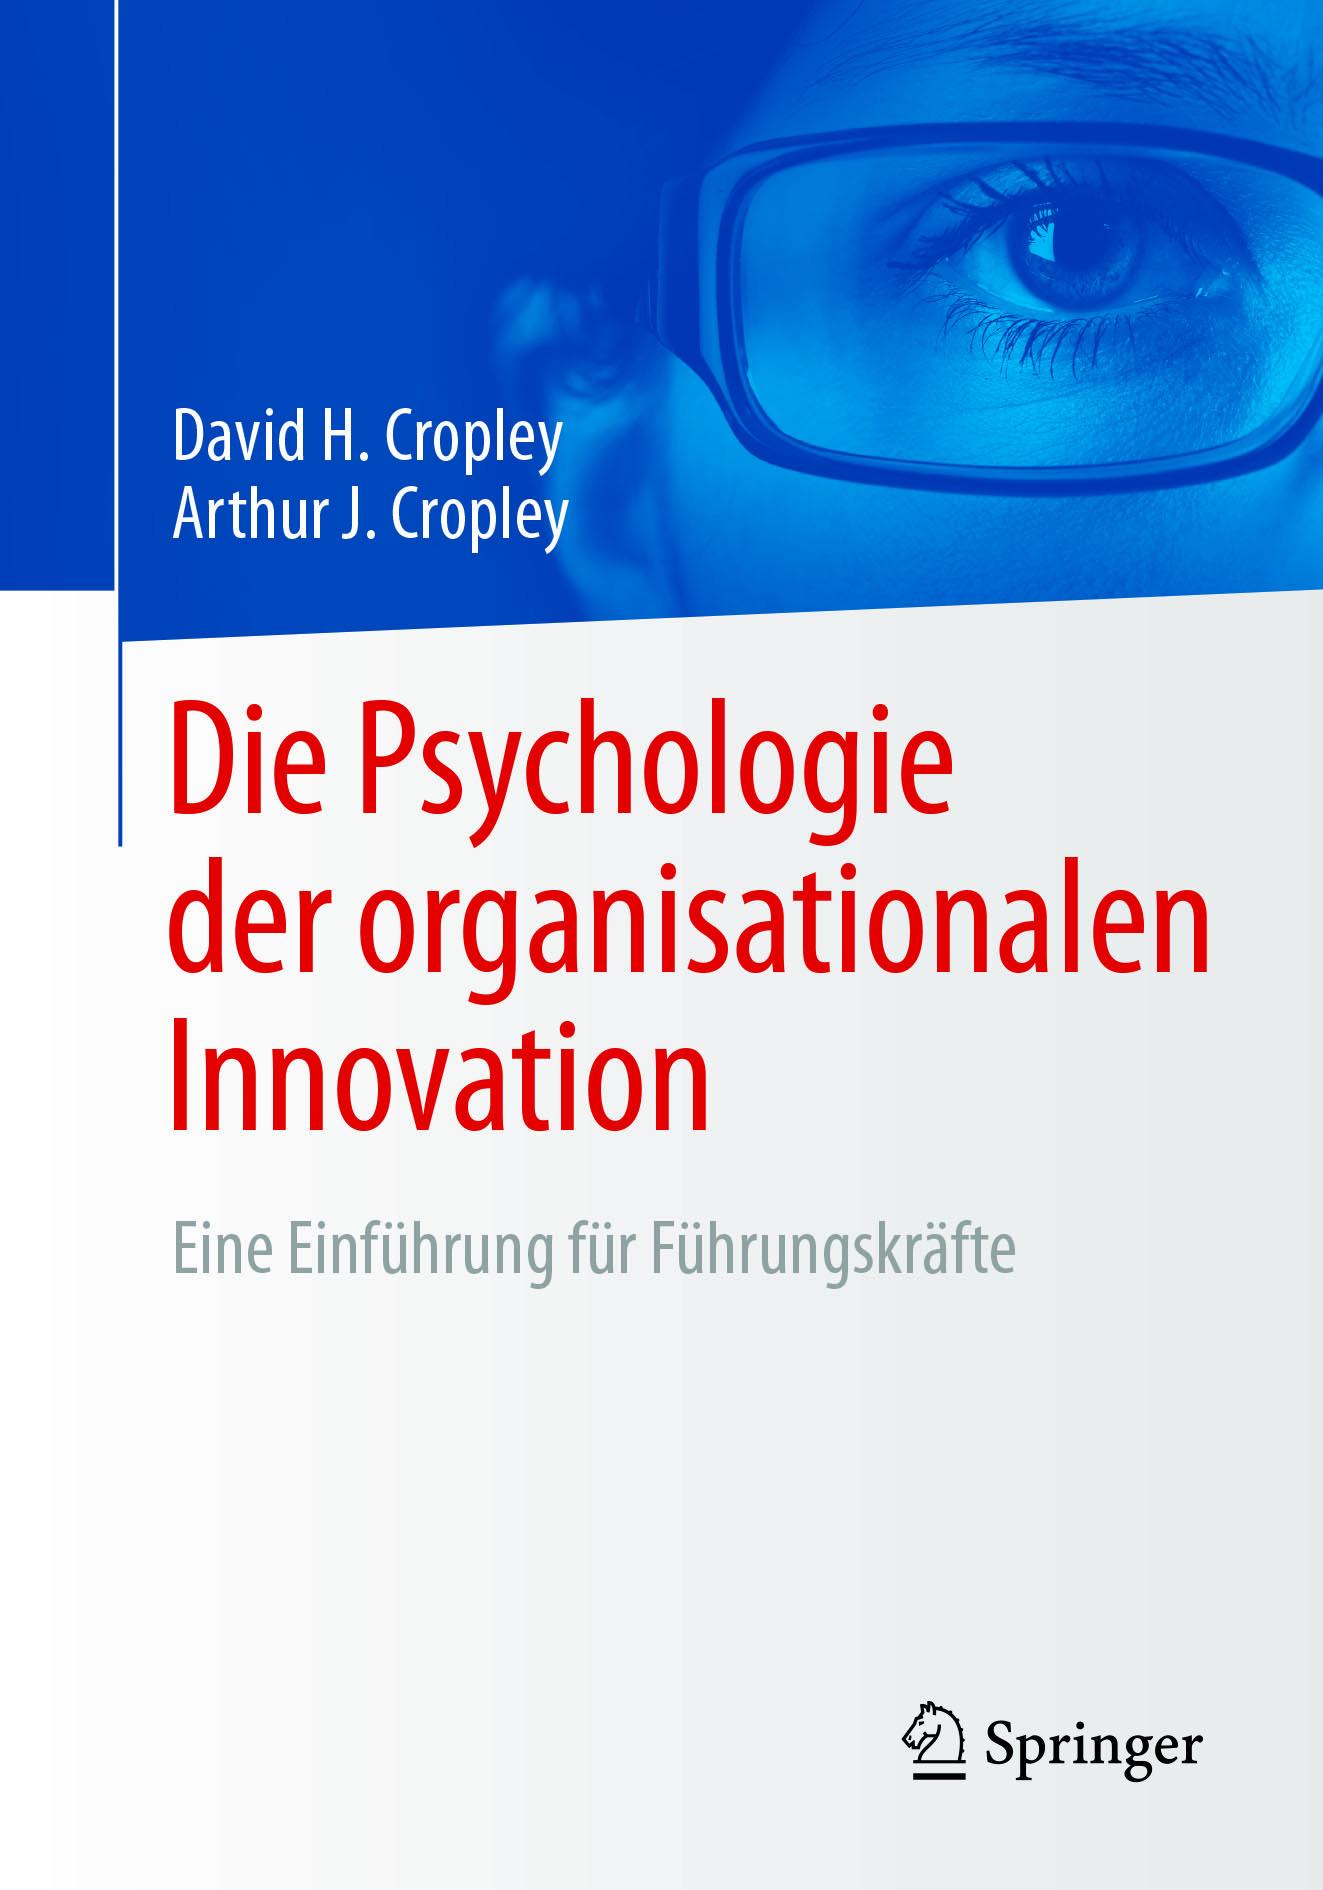 Cropley, Arthur J. - Die Psychologie der organisationalen Innovation, ebook